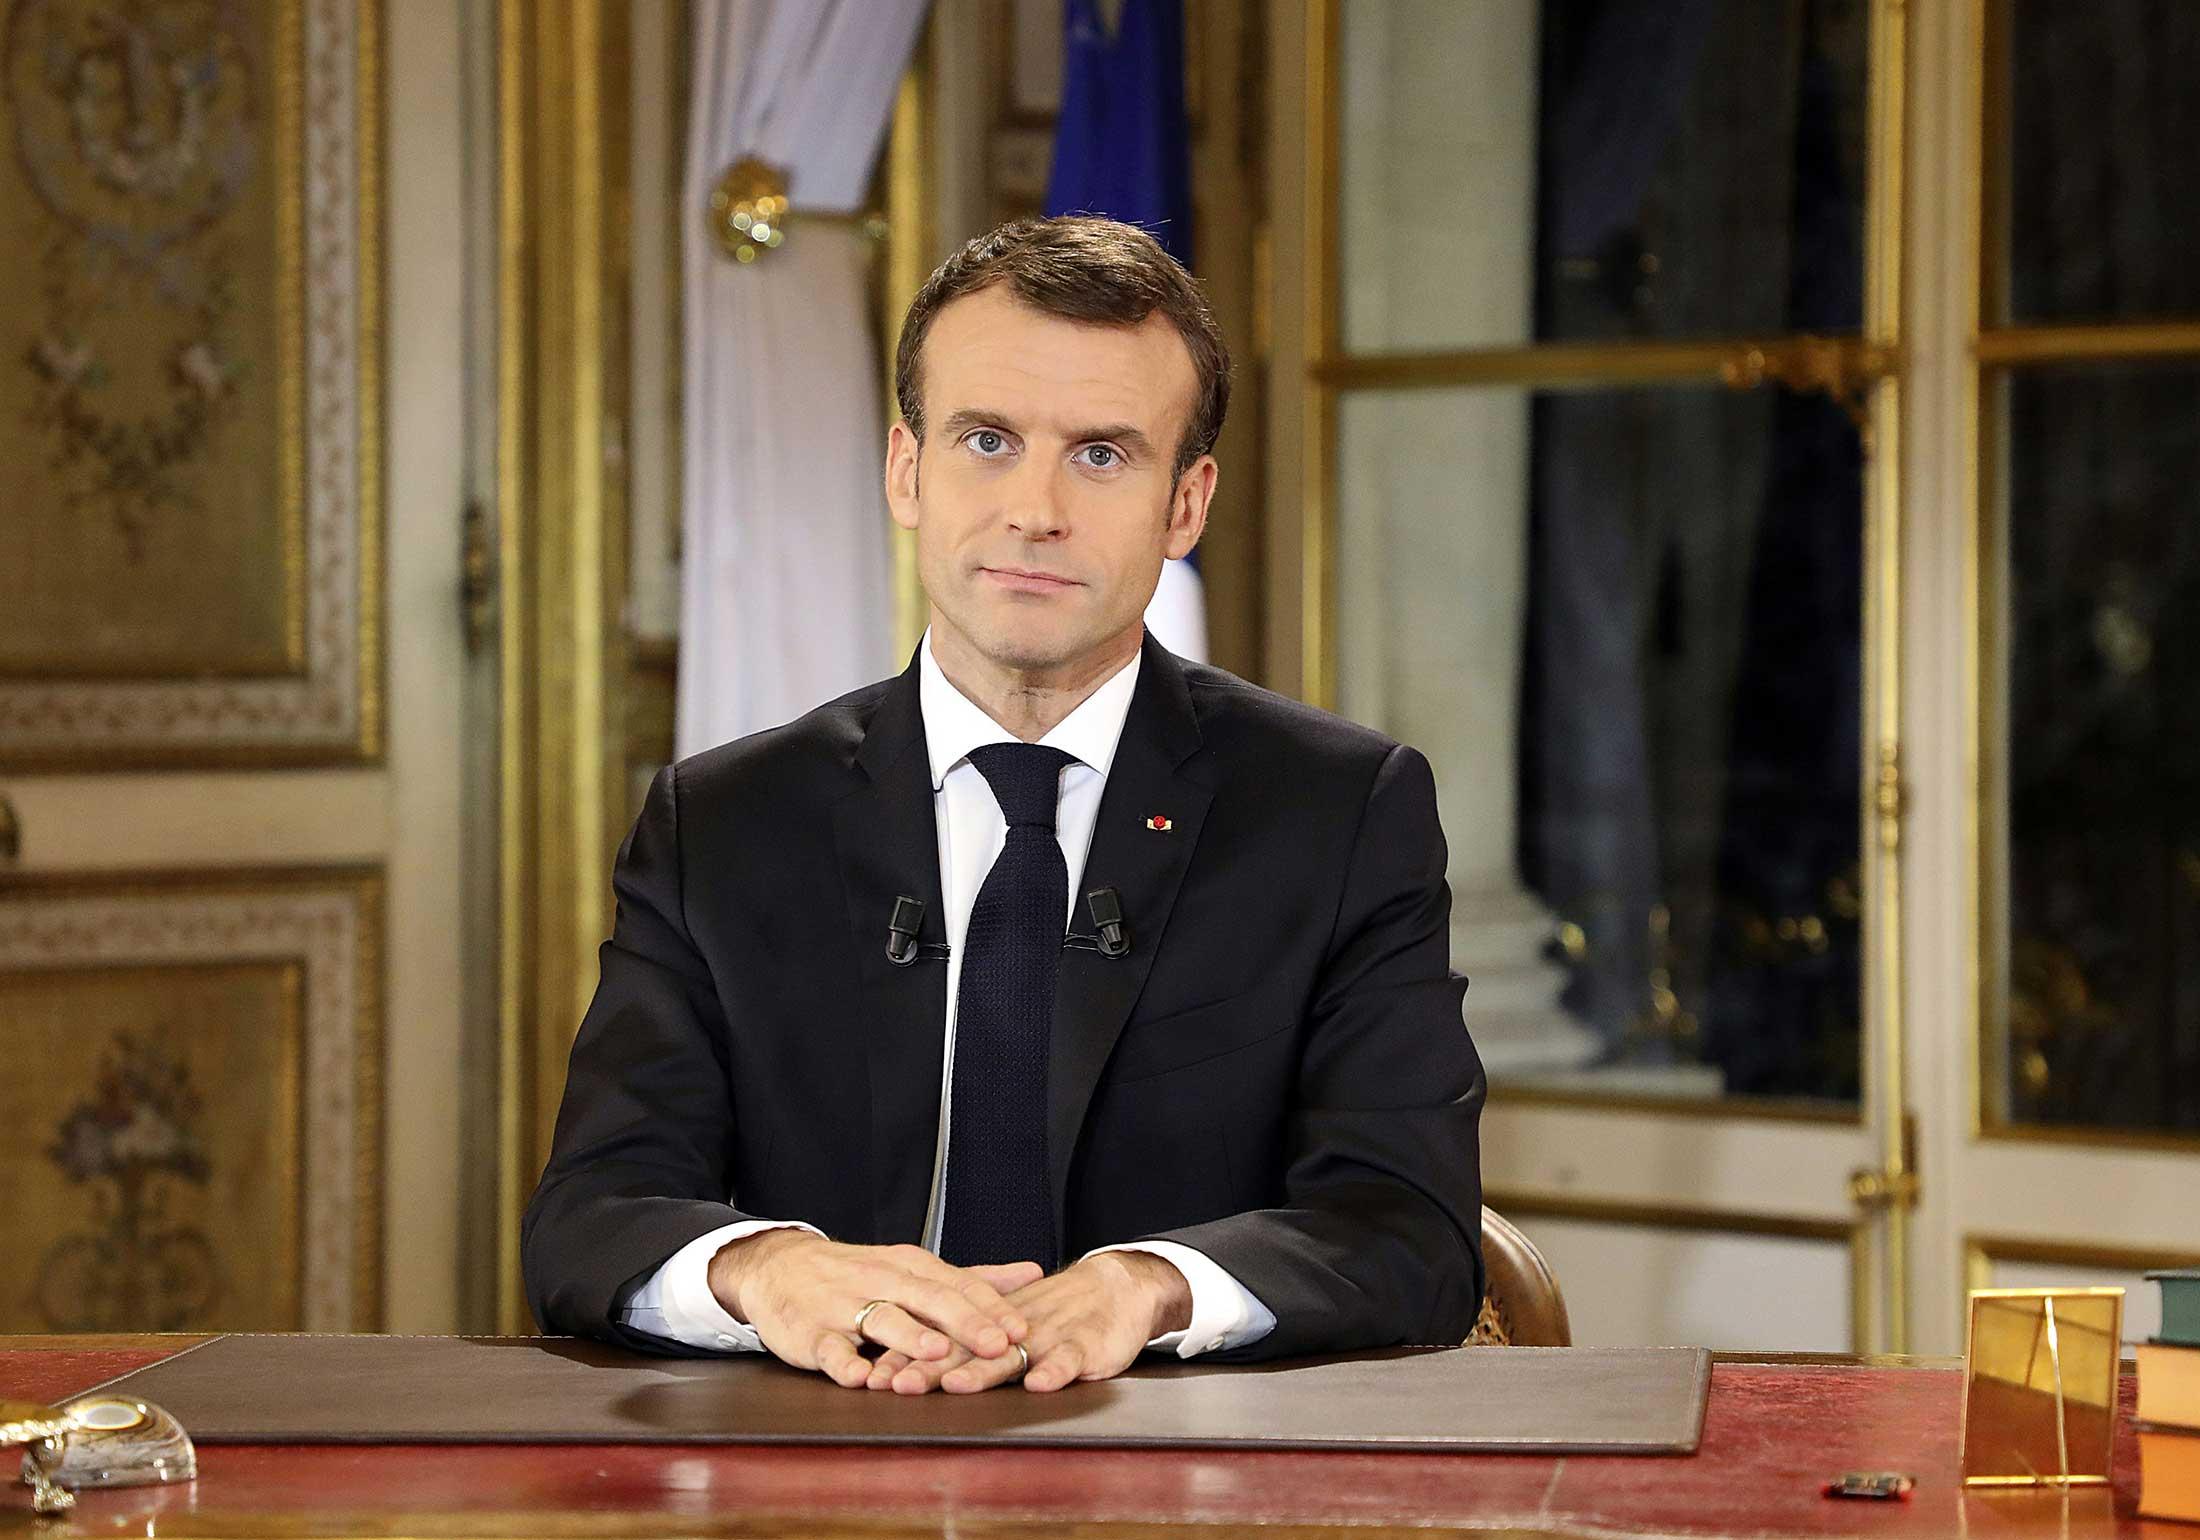 jaderná energie - Macron sdělil, že se Francie rozhodne stavět nový EPR reaktor kolem roku 2022 - Zprávy (1x 1) 2